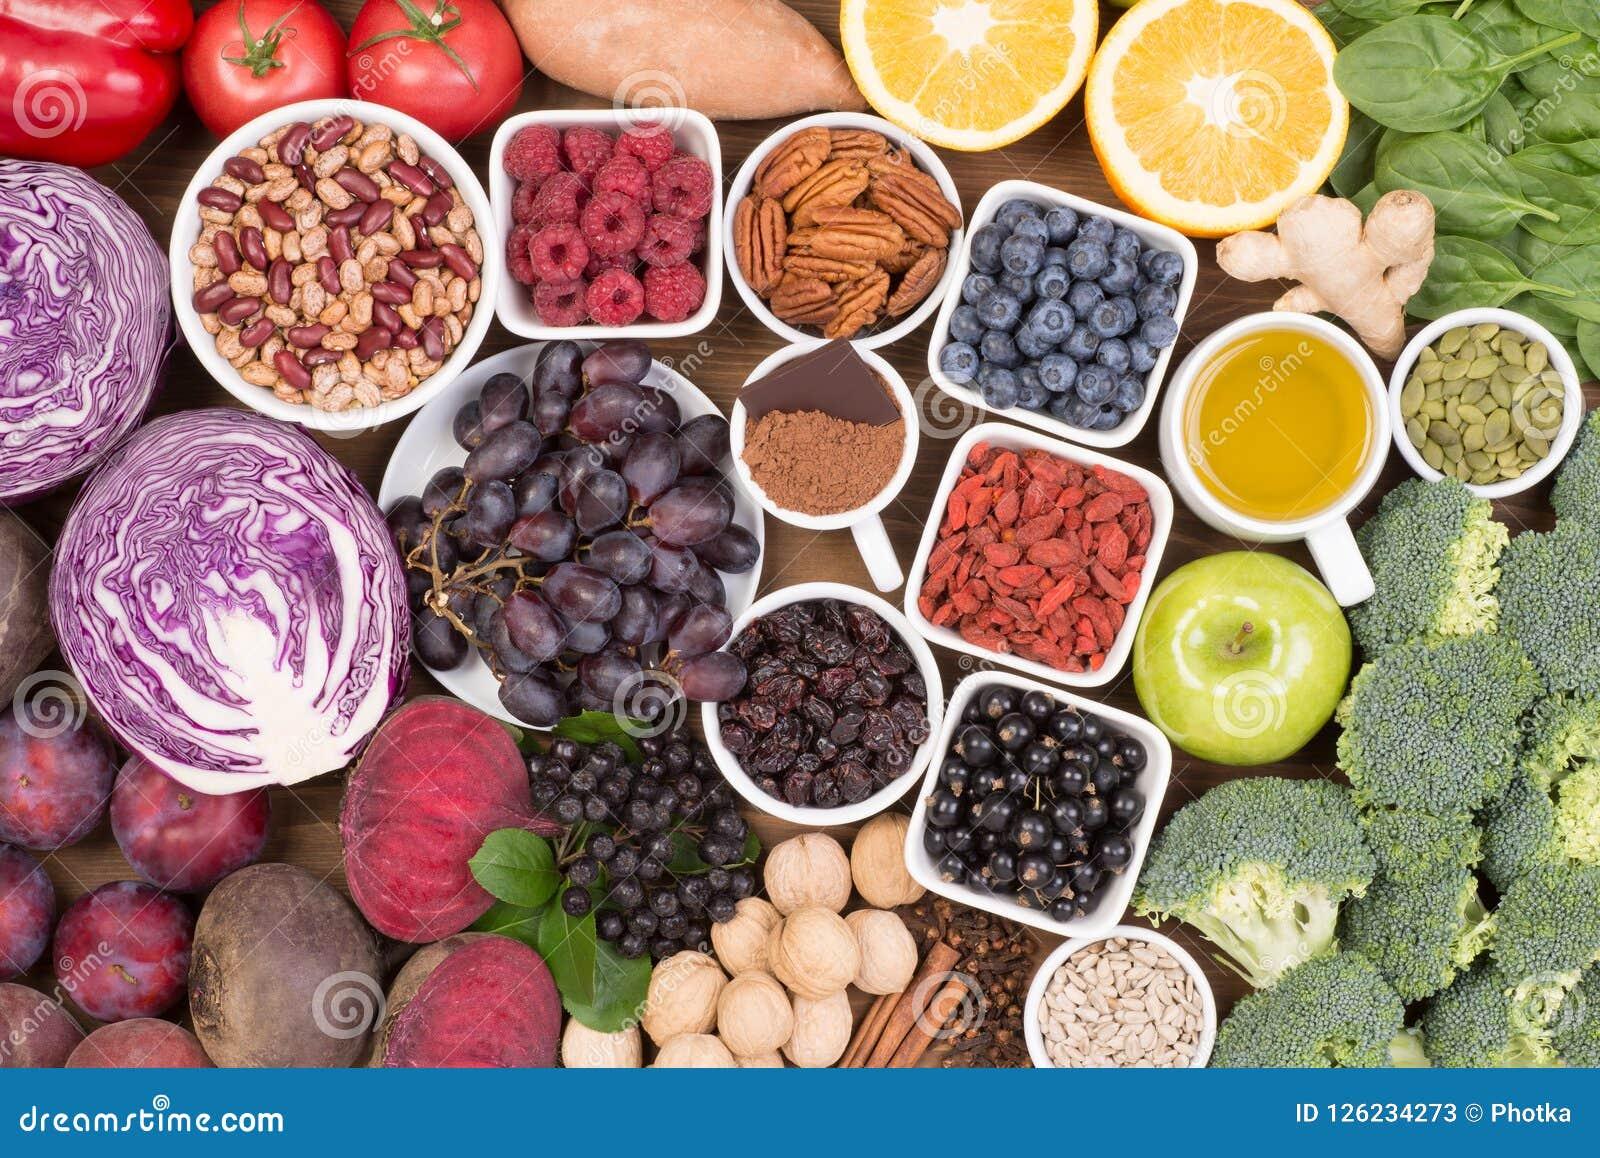 Karmowi źródła naturalni przeciwutleniacze tak jak owoc, warzywa, dokrętki i kakaowy proszek,